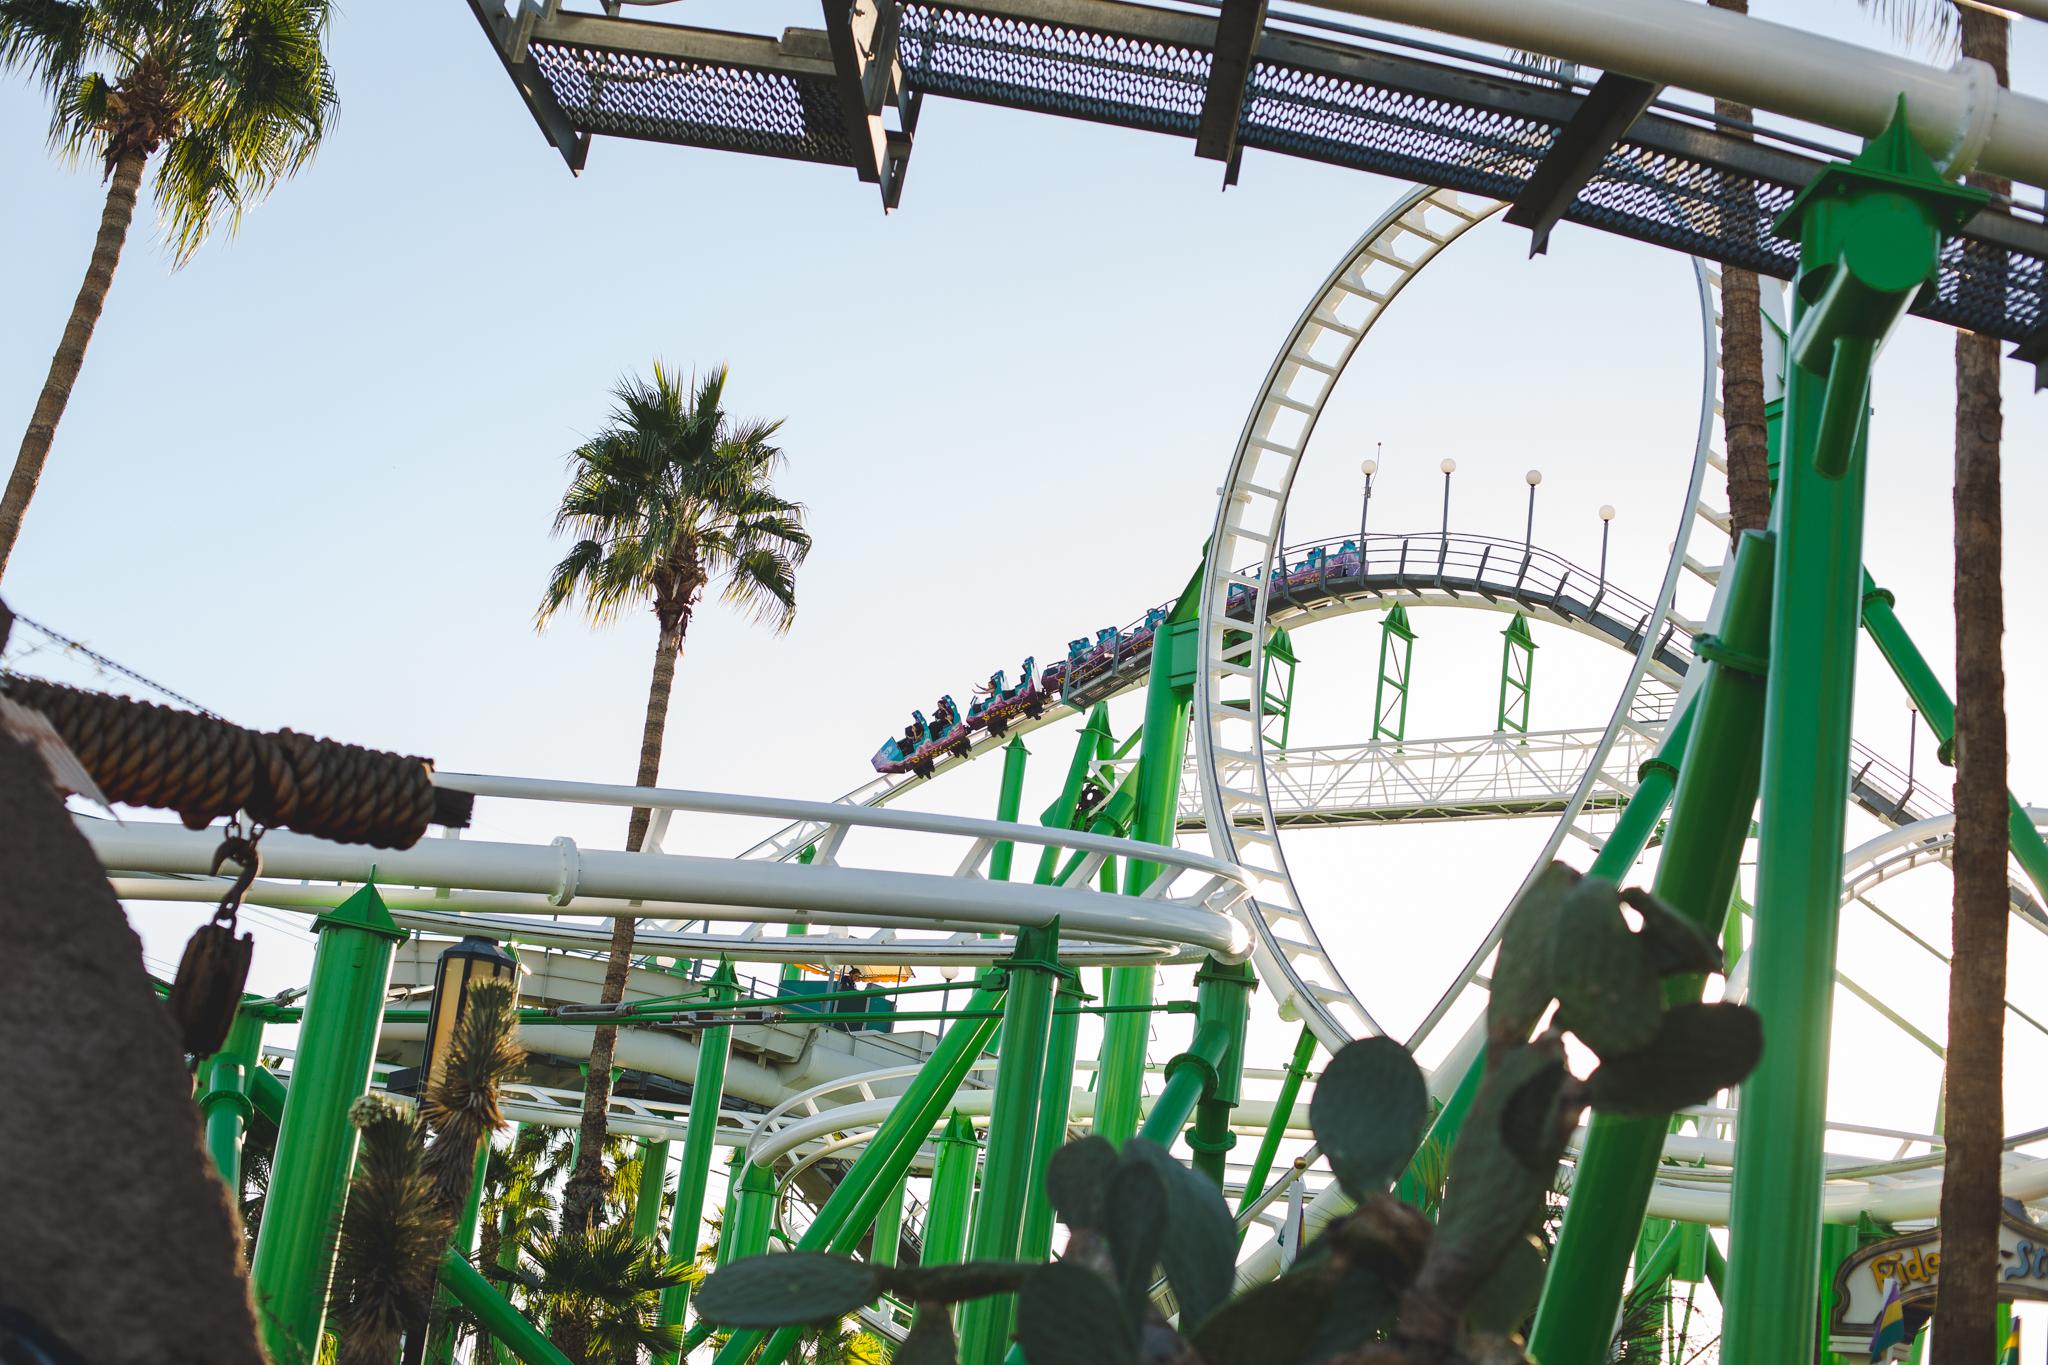 castles n coaster roller coaster